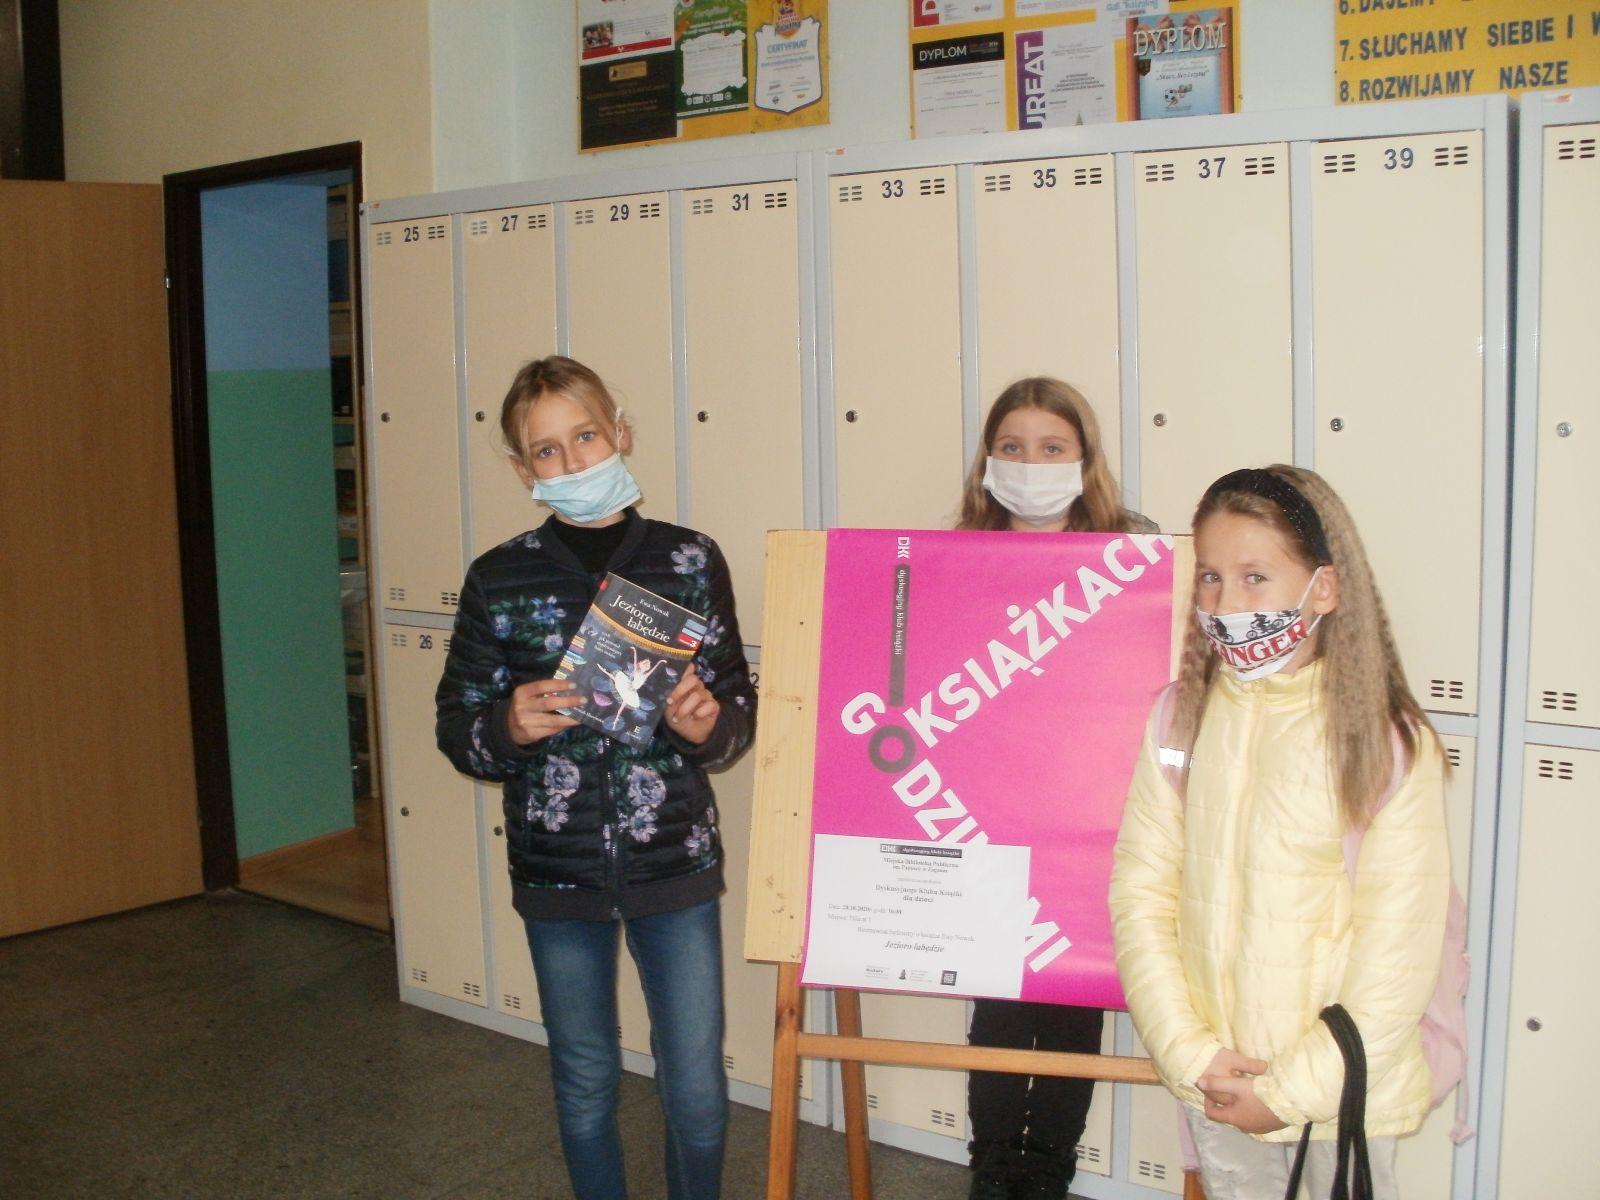 Zdjęcie. W korytarzu szkolnym, na tle szafek w szatni i szkolnych gazetek nad nimi pozuje troje dzieci trzymając przeczytaną książkę. Na pierwszym planie pomiędzy dziećmi na sztaludze widoczna tablica z różowym plakatem Godzinami o Książkach.